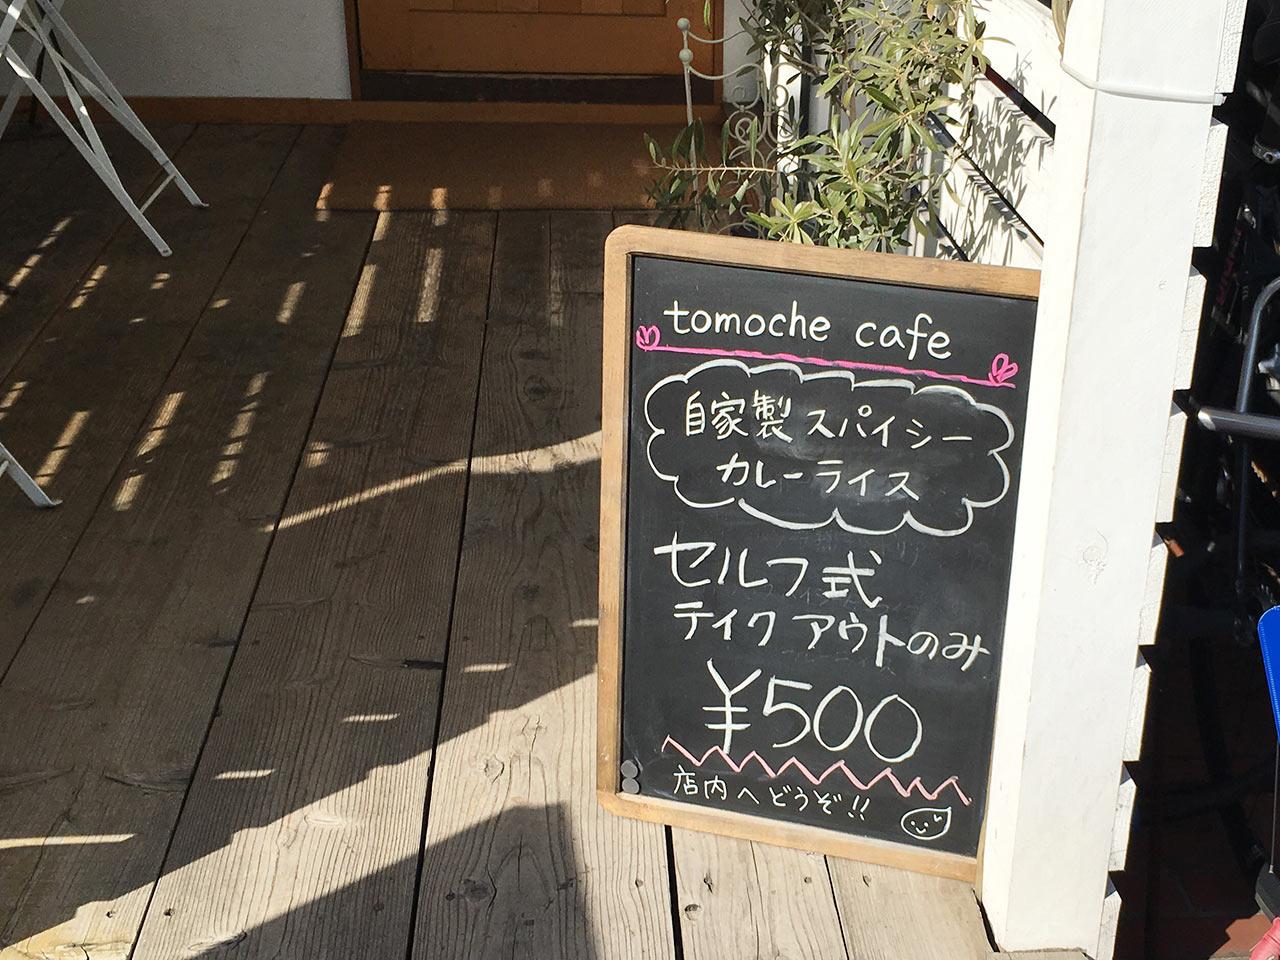 musashikoyama-tomoche-menu03